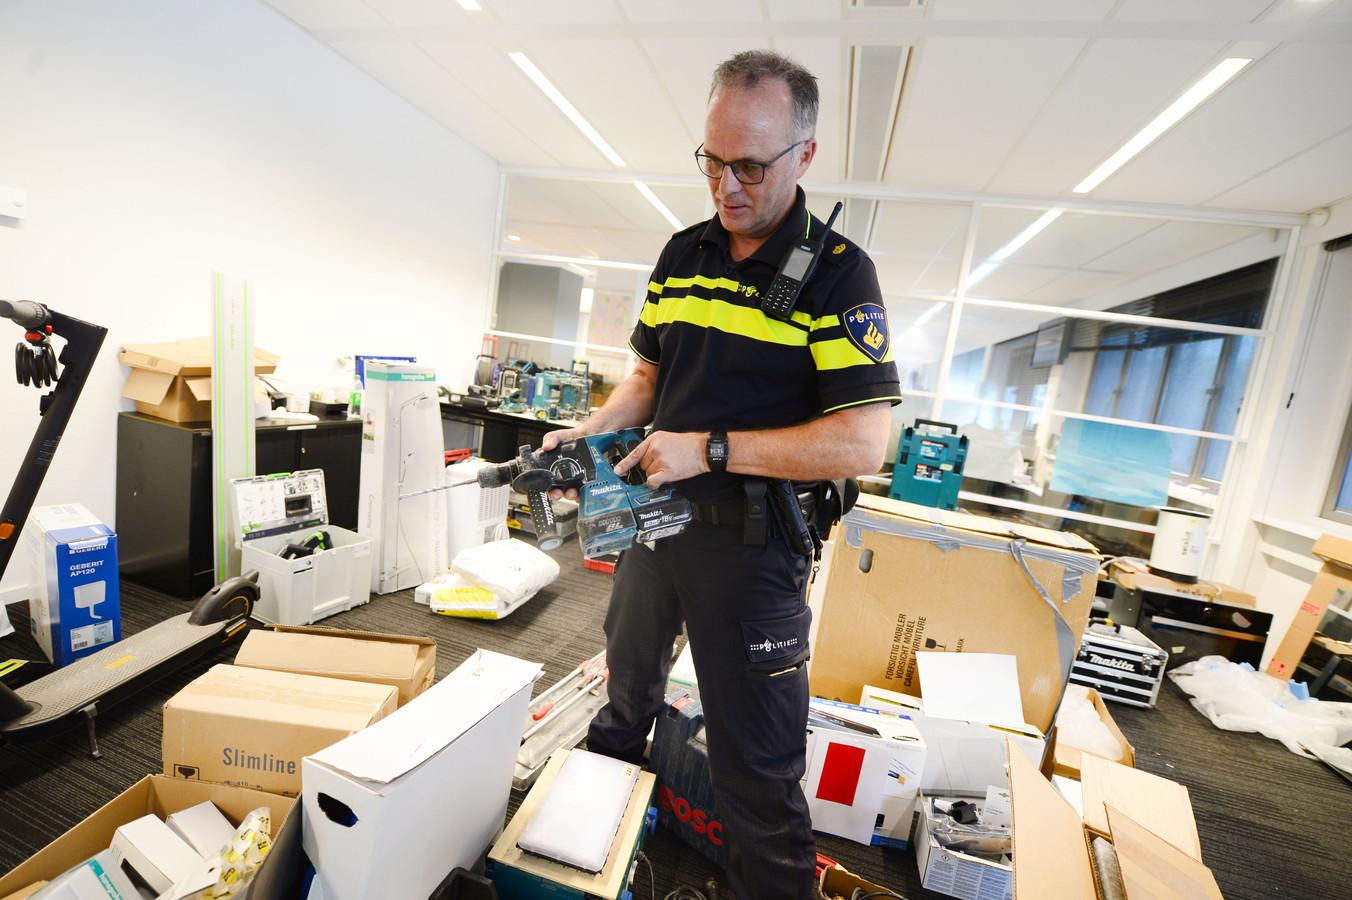 Teamleider Henk Schuler van de politie Almelo tussen de in beslag genomen goederen.